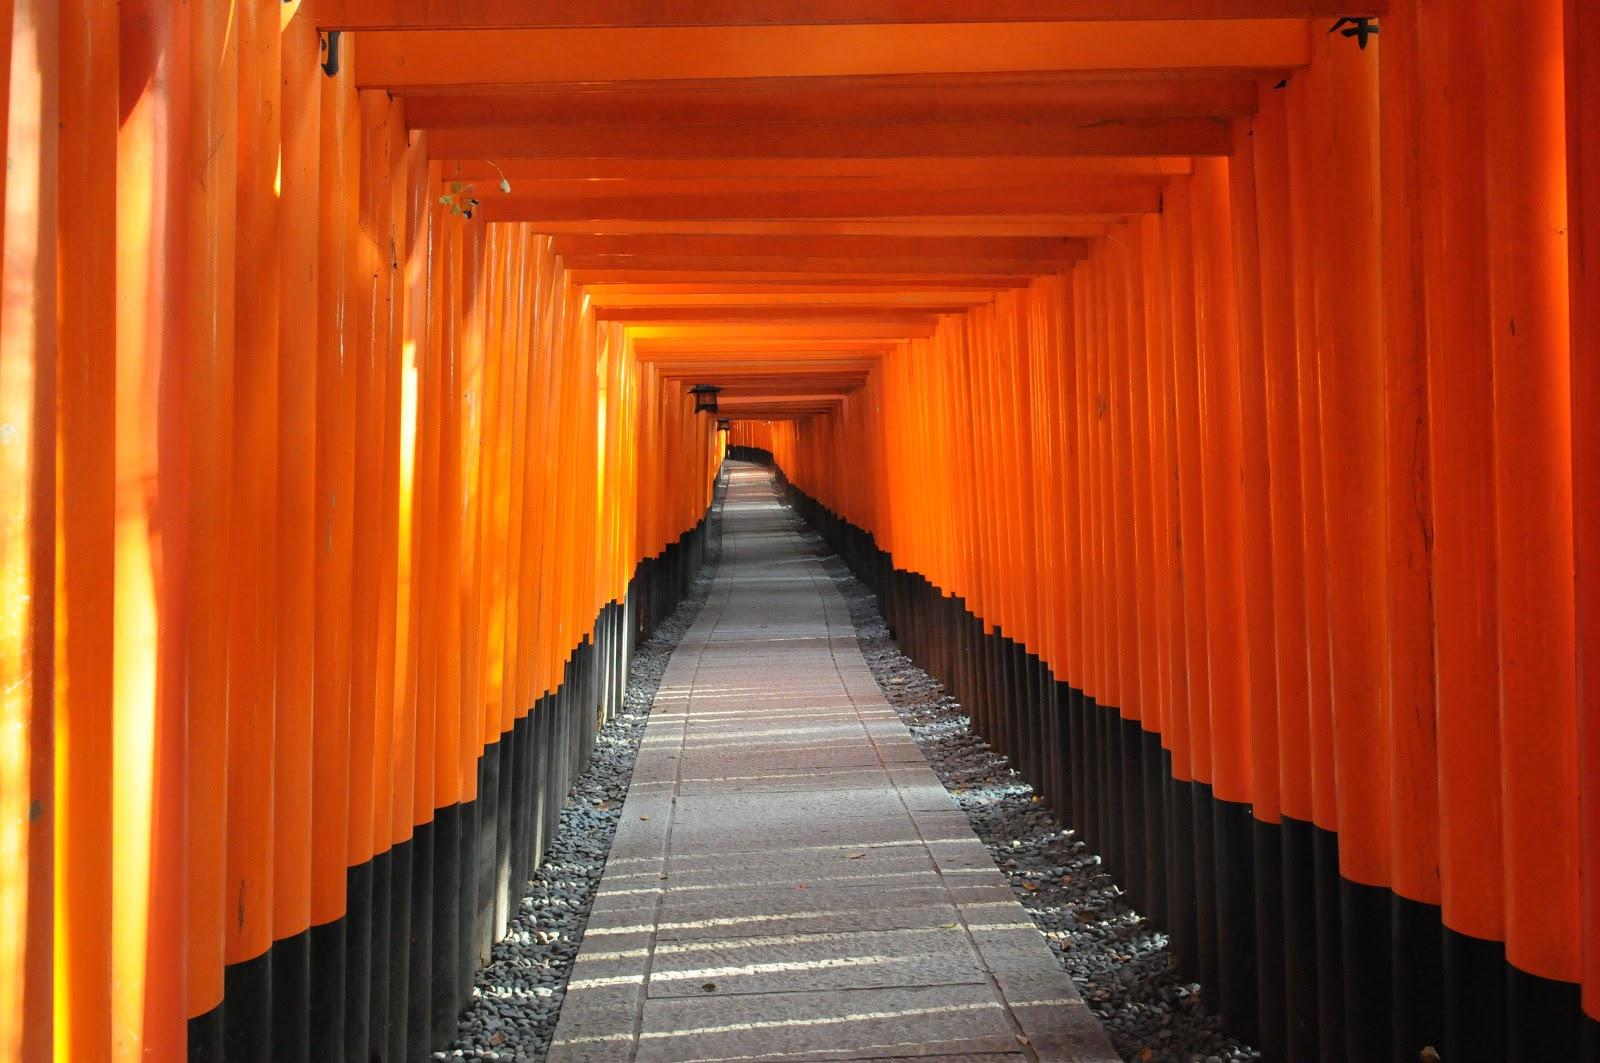 The Local Global World with Peter Wik: Fushimi Inari Taisha, Kyoto, Japan